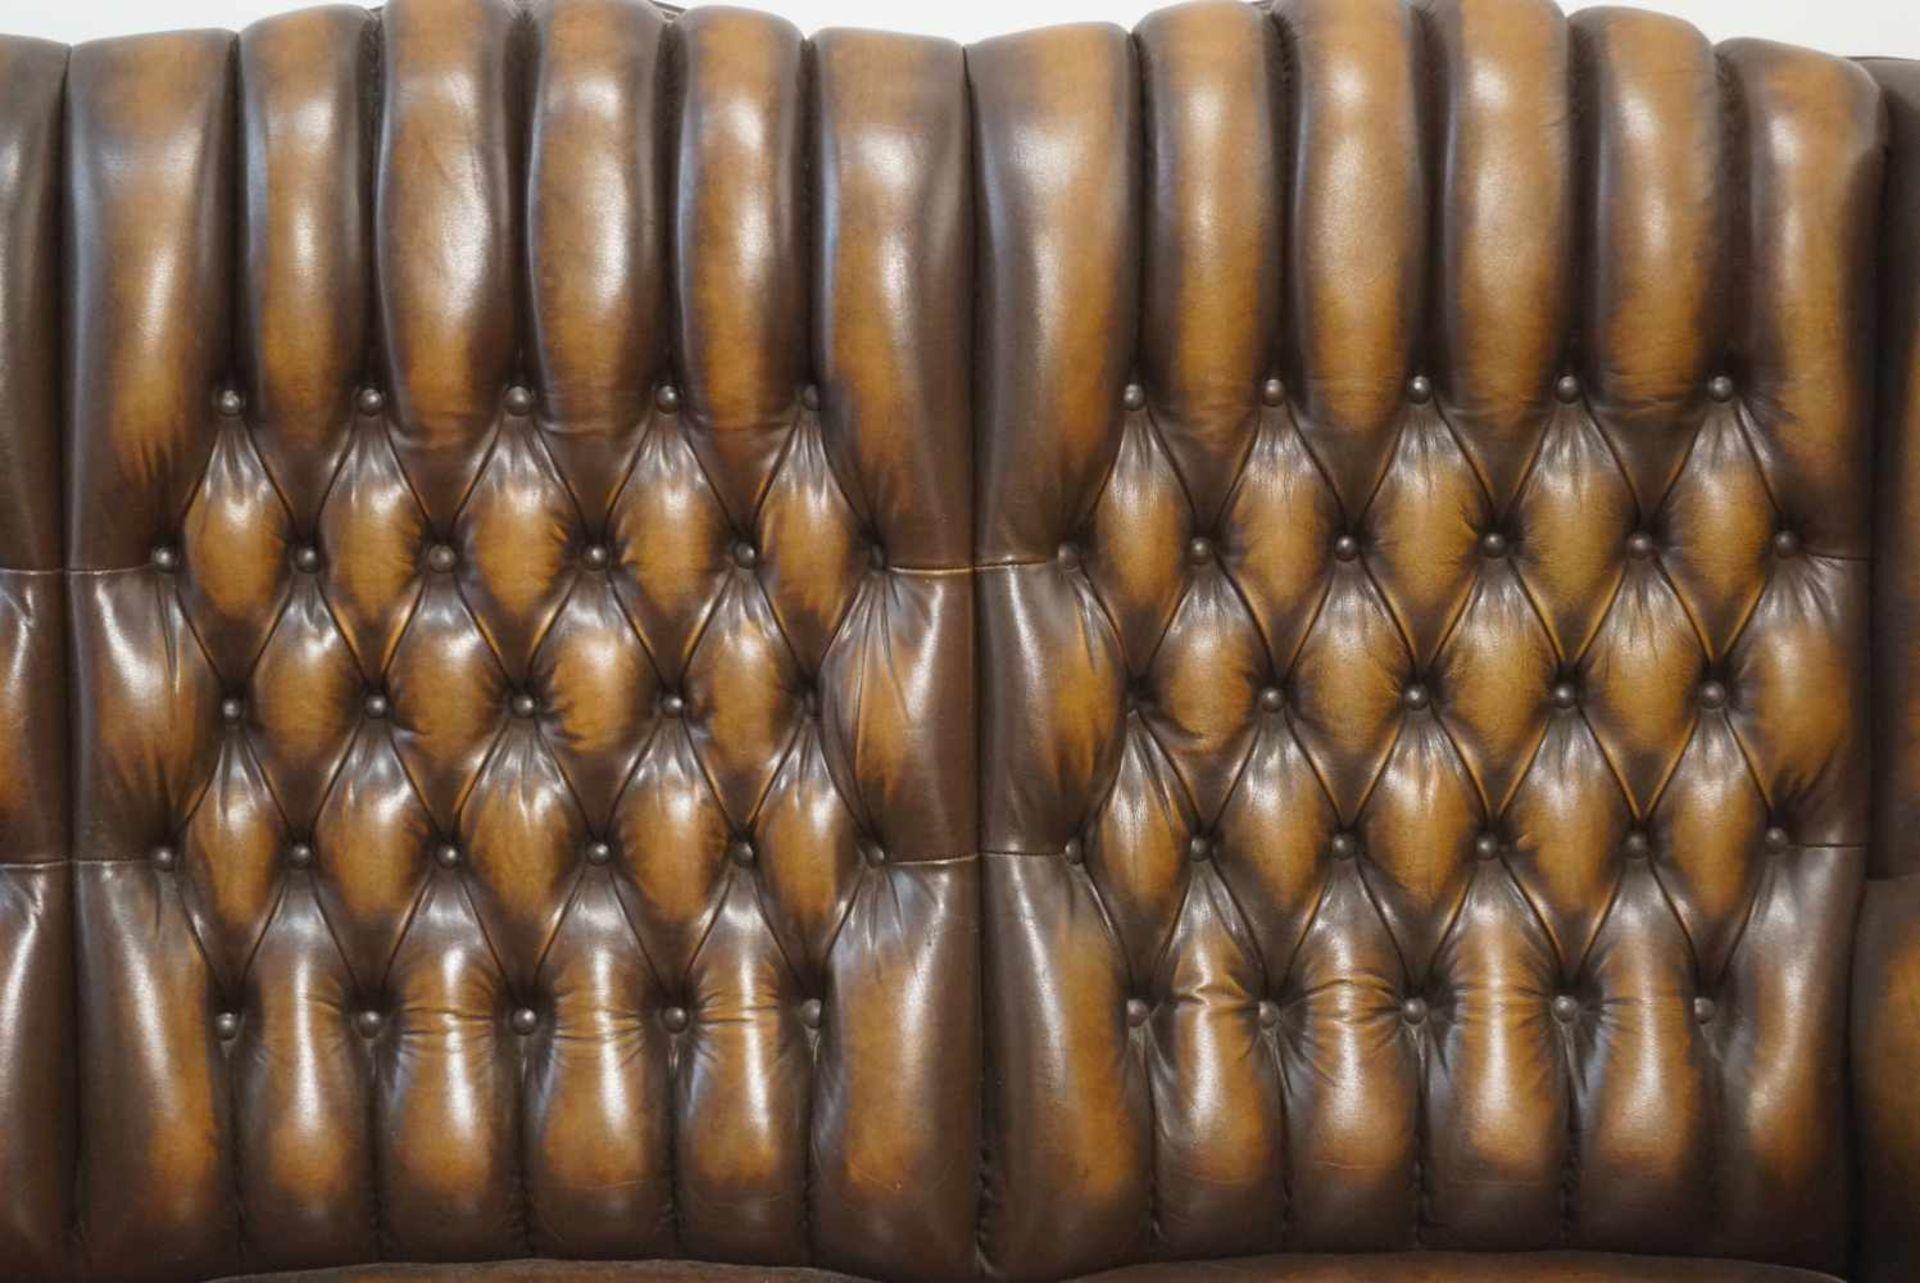 Couch für drei PersonenChesterfield-Stil, braunes Leder, Maße Höhe 101 cm x Länge 175 cm x Tiefe - Bild 2 aus 3